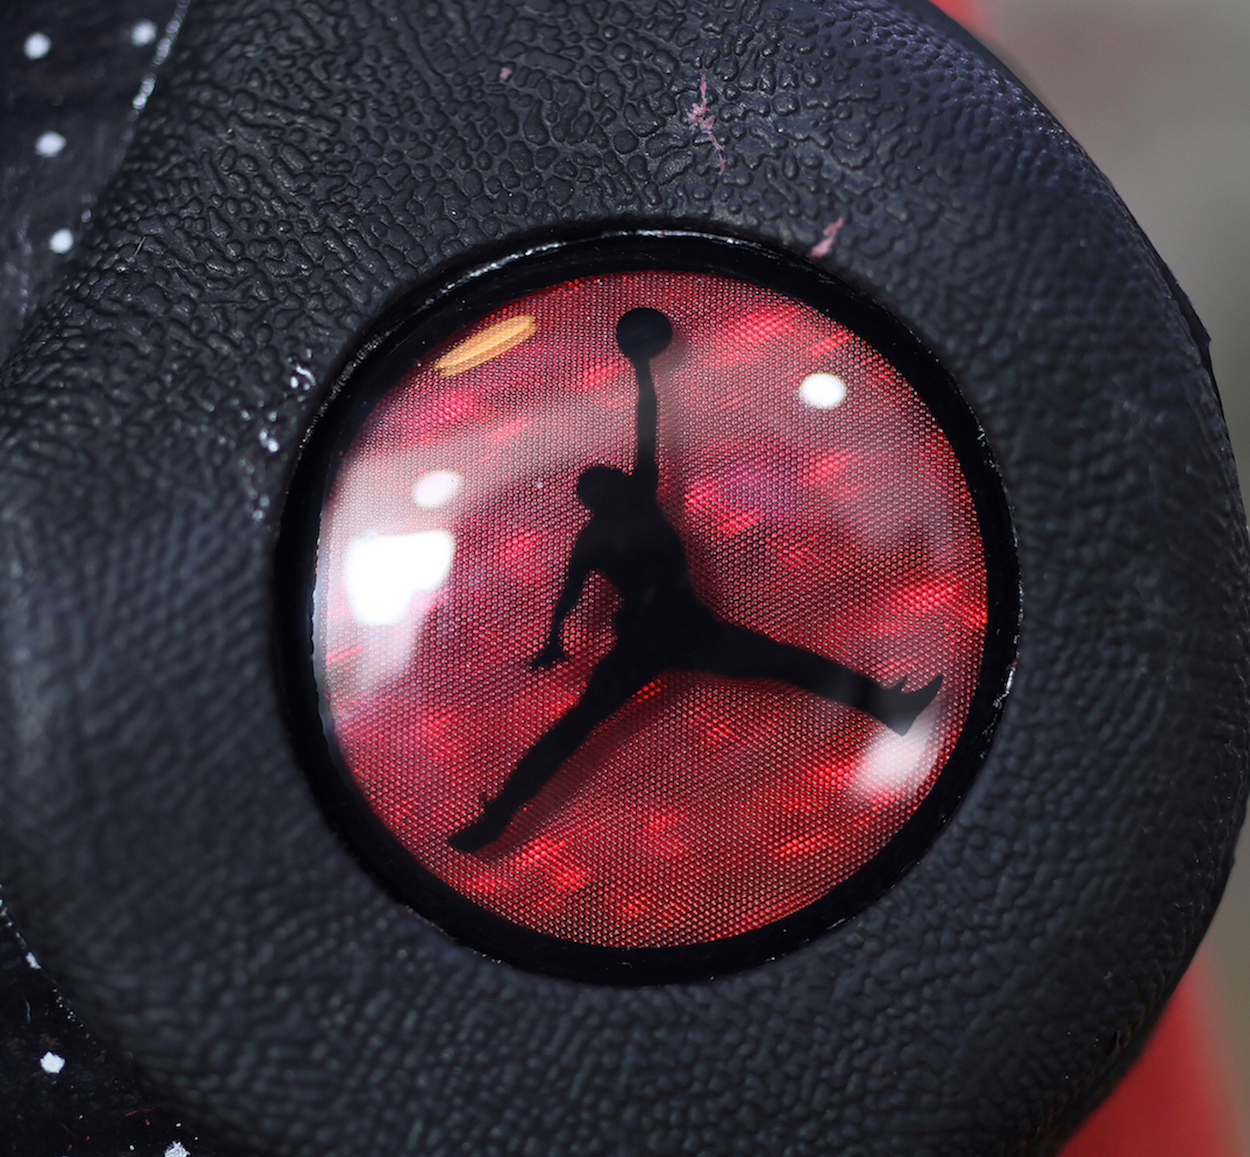 air jordan 13 retro black red 110